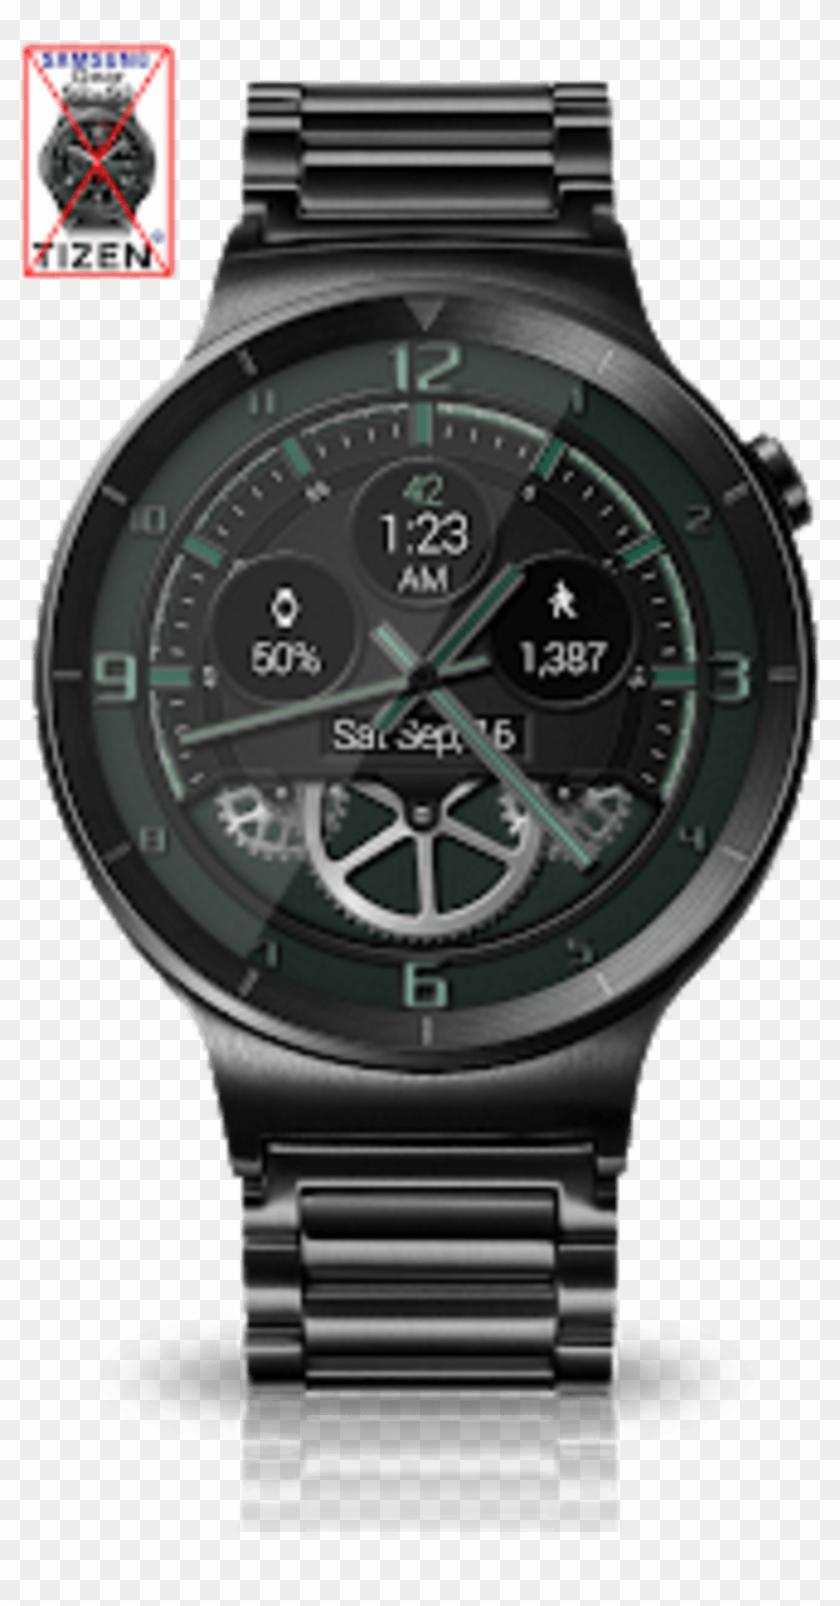 Bold Gears Hd Watch Face Widget Live Wallpaper - Black